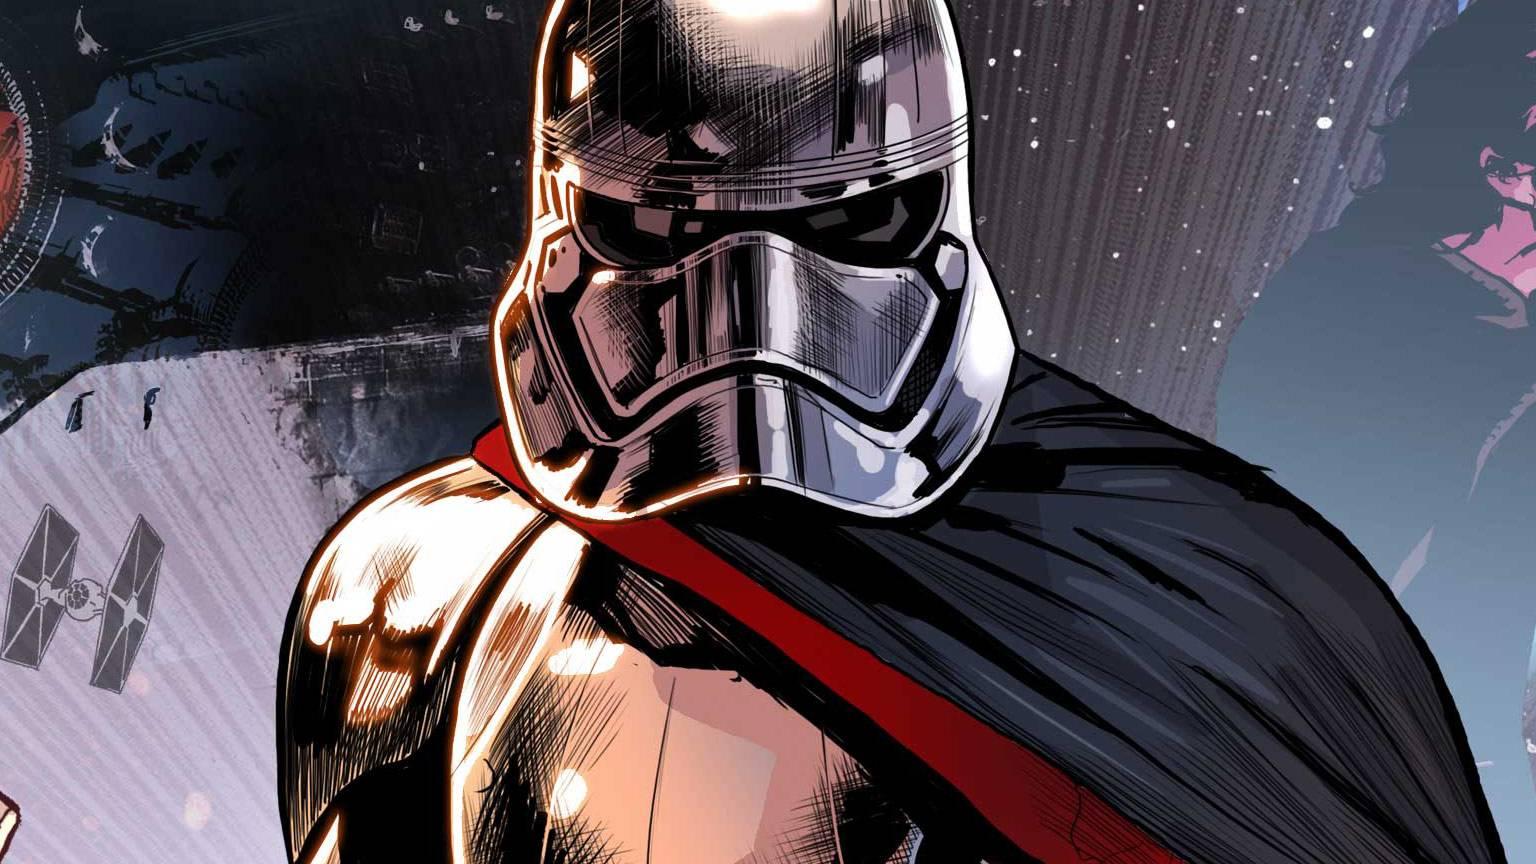 Книги и комиксы: На Star Wars Celebration анонсированы книги и комиксы по «Звёздным войнам»